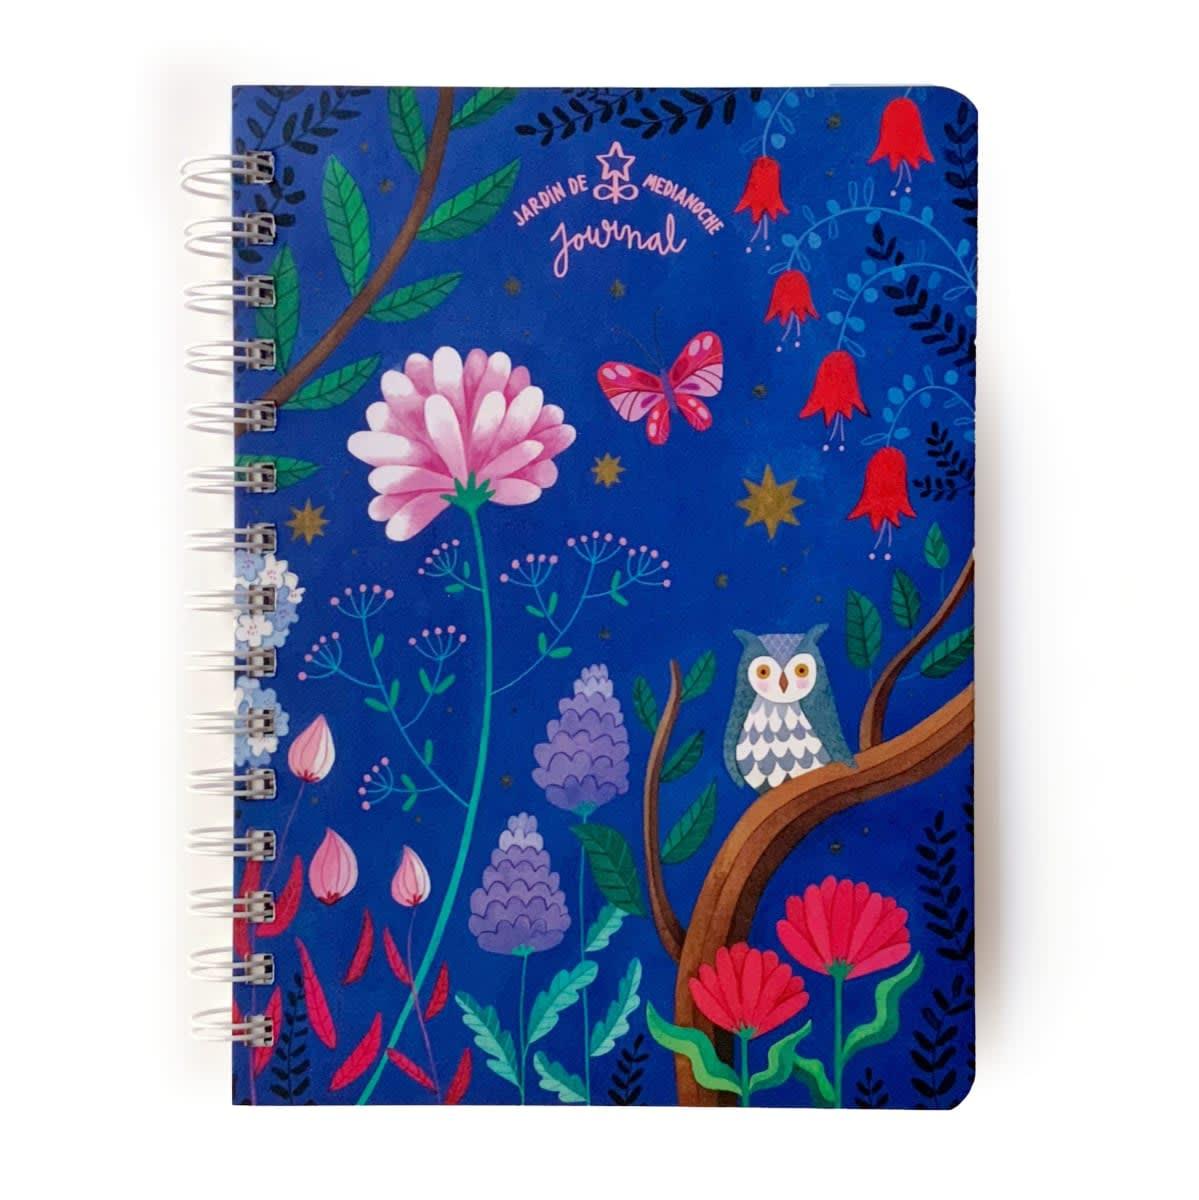 Journal Jardin de medianoche Buho